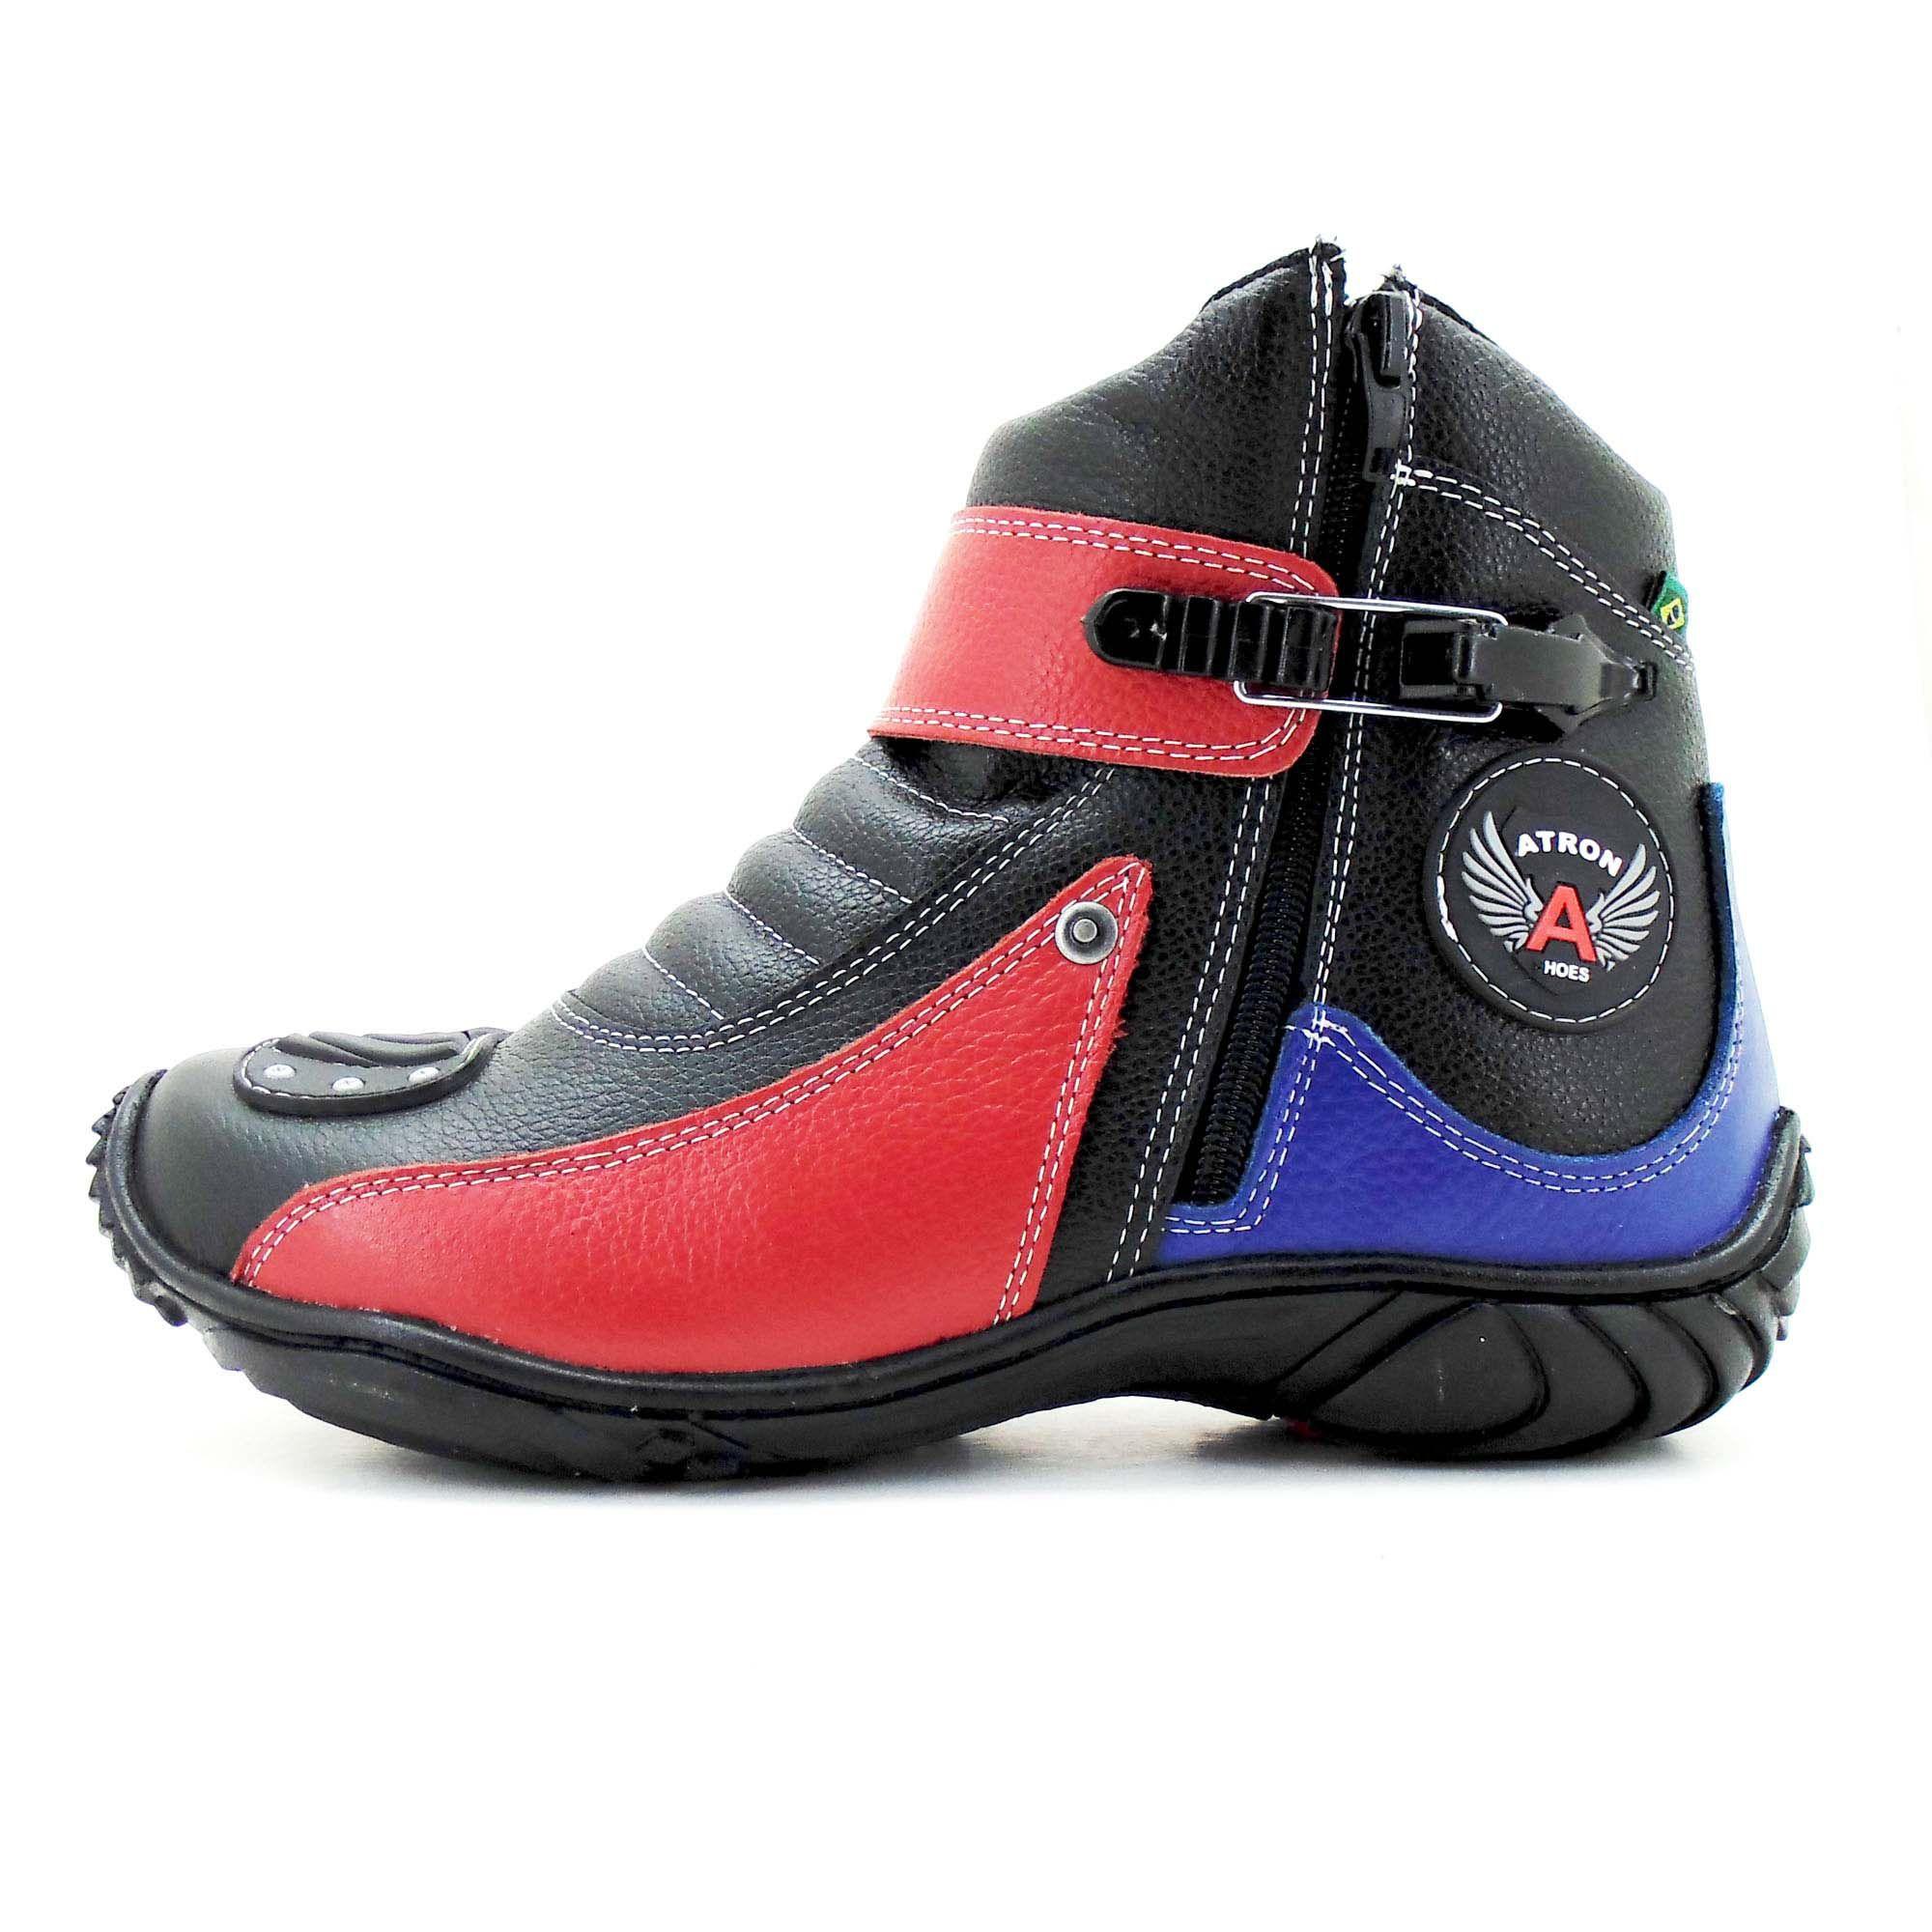 Bota motociclista 271 preto vermelho e azul